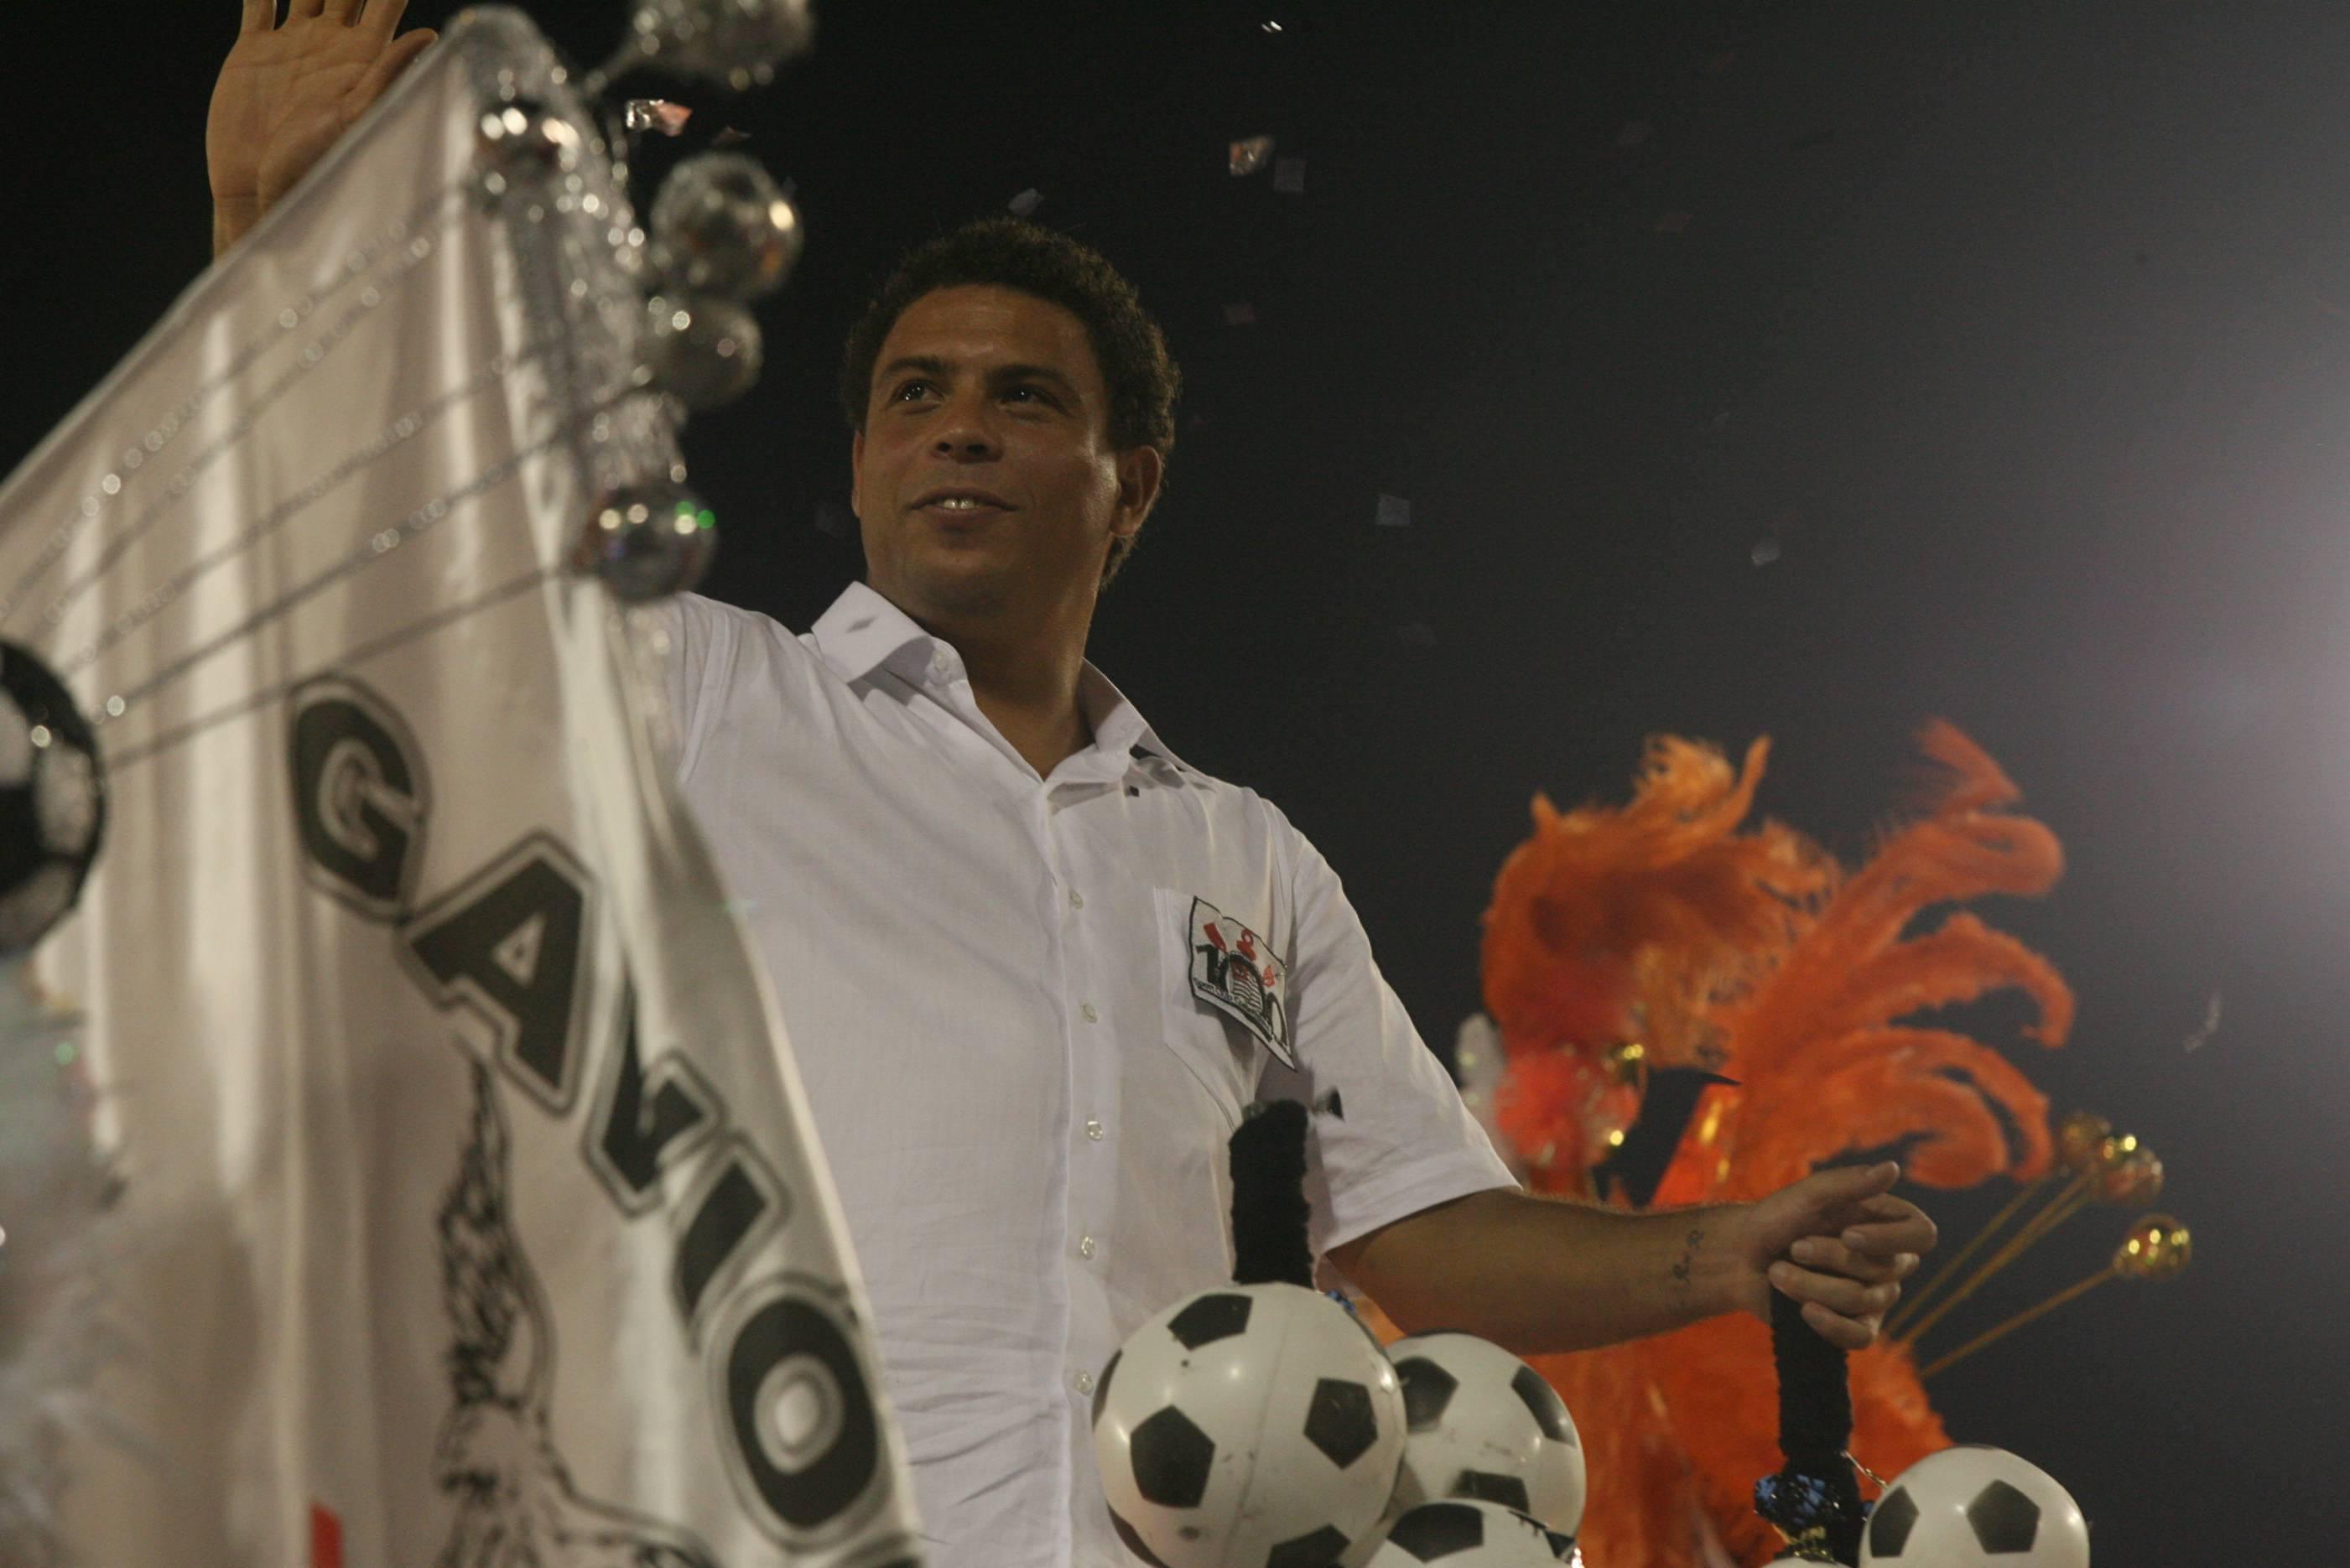 Dez vezes em que futebol e Carnaval se misturaram na avenida - 20 02 ... 31bd10265c738